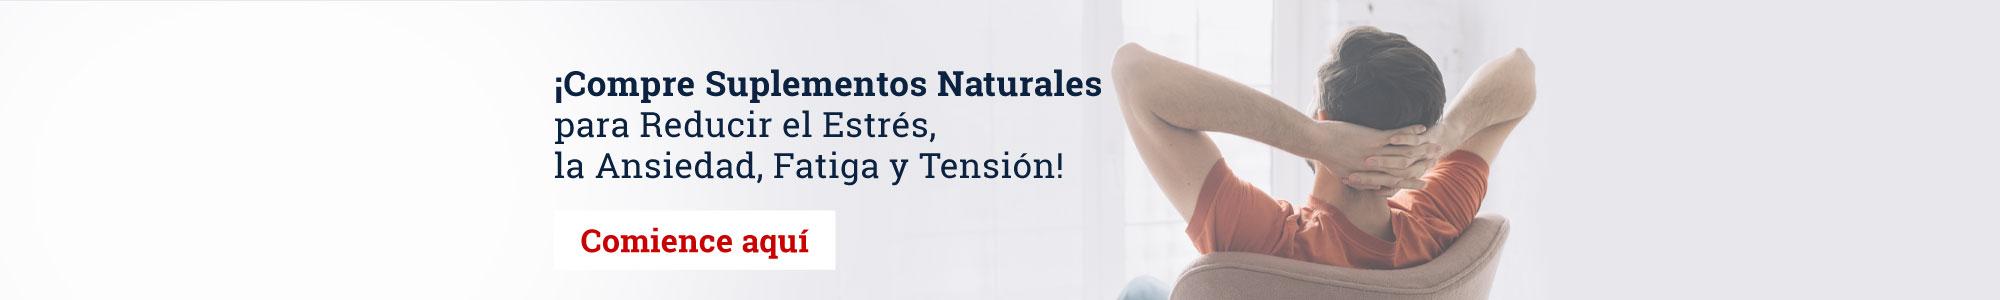 ¡Compre Suplementos Naturales para Reducir el Estrés, la Ansiedad, Fatiga y Tensión! Comience aquí